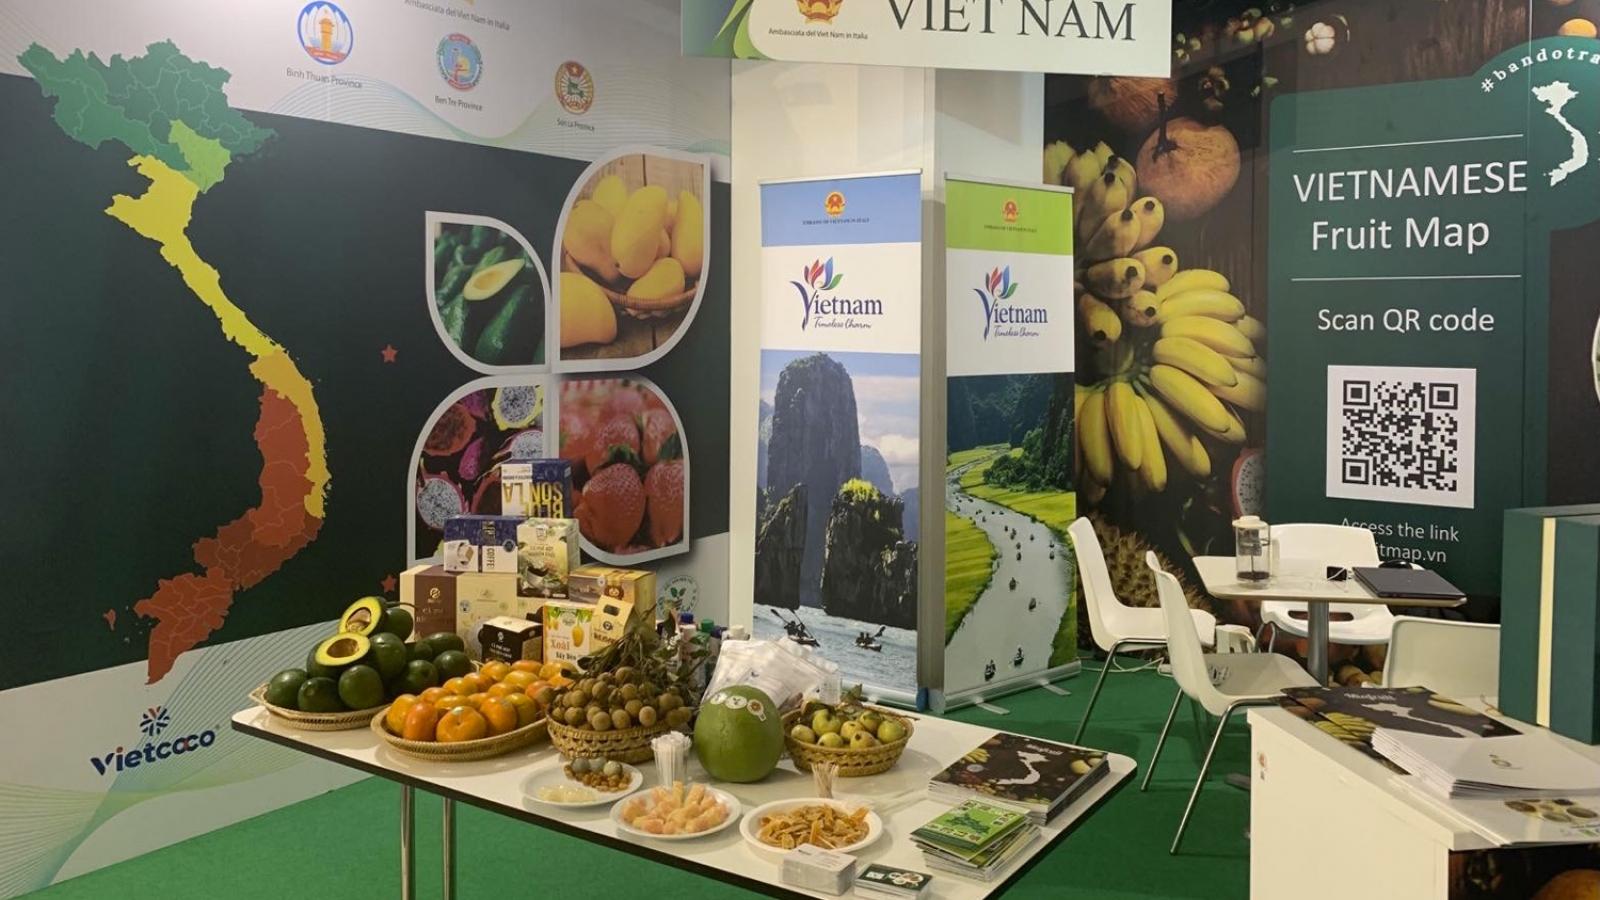 Trái cây Việt Nam hút khách tại hội chợ quốc tế ở Italy